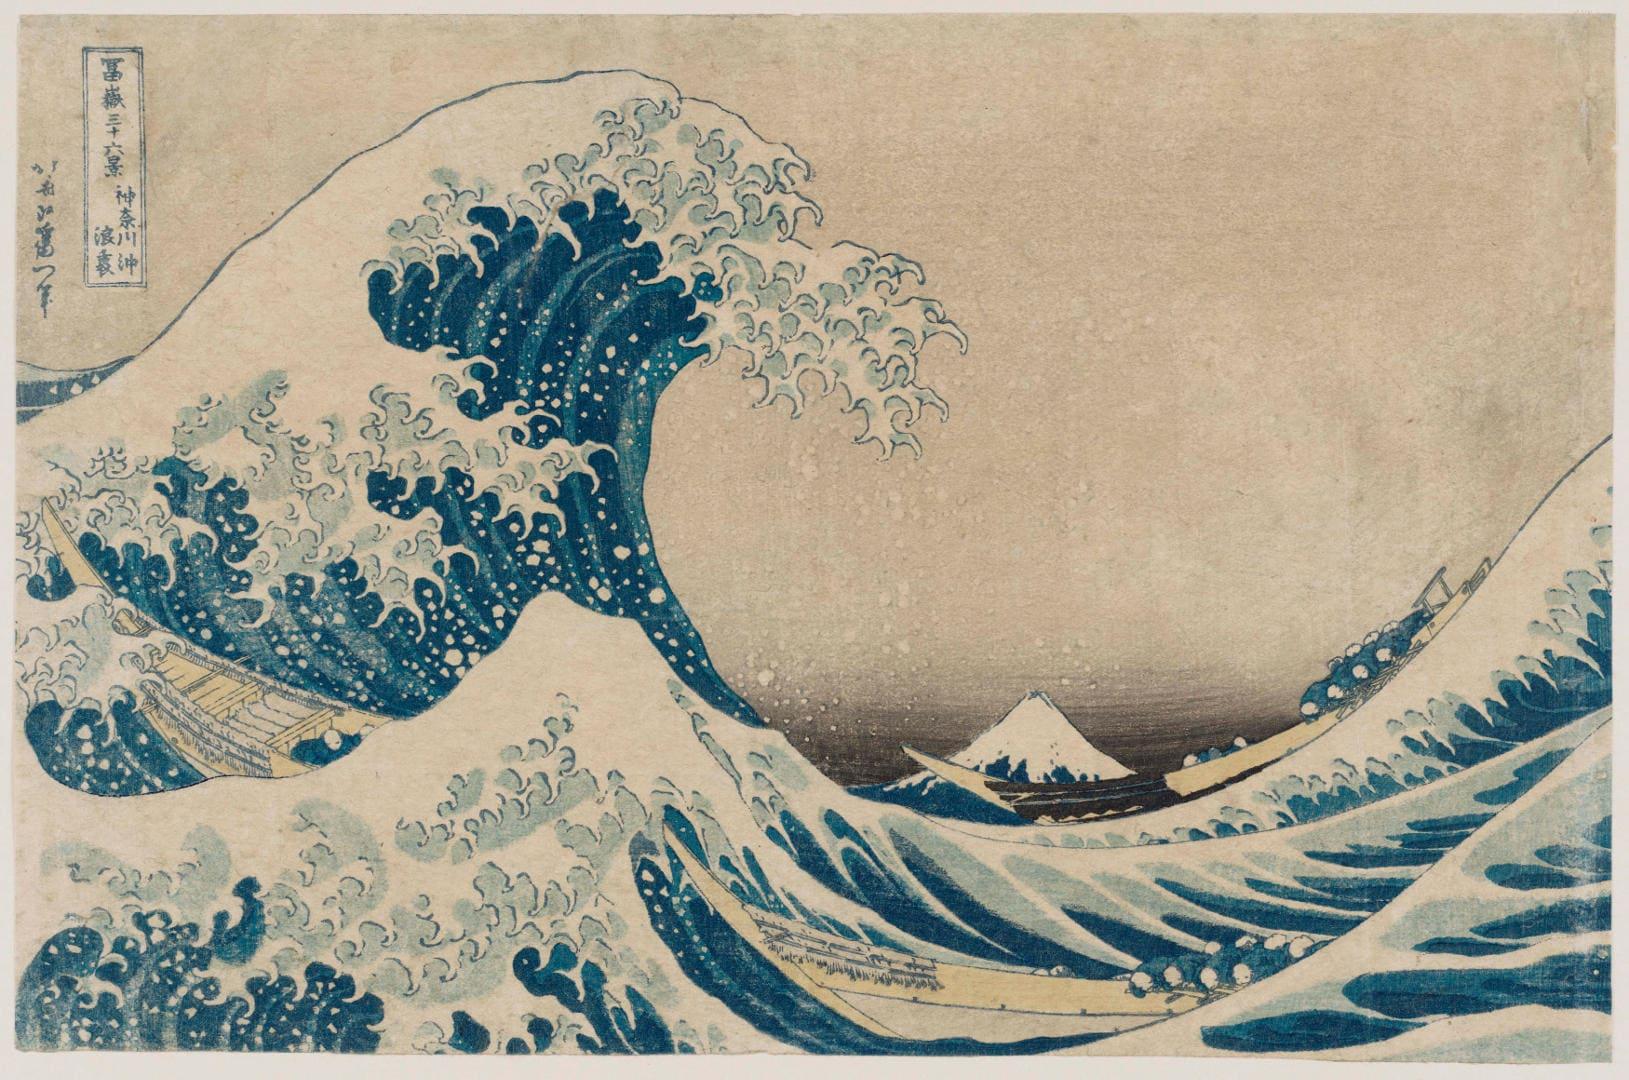 La [grande] onda presso la costa di Kanagawa, dalla serie Trentasei vedute del monte Fuji (1830-1831 circa) Katsushika Hokusai